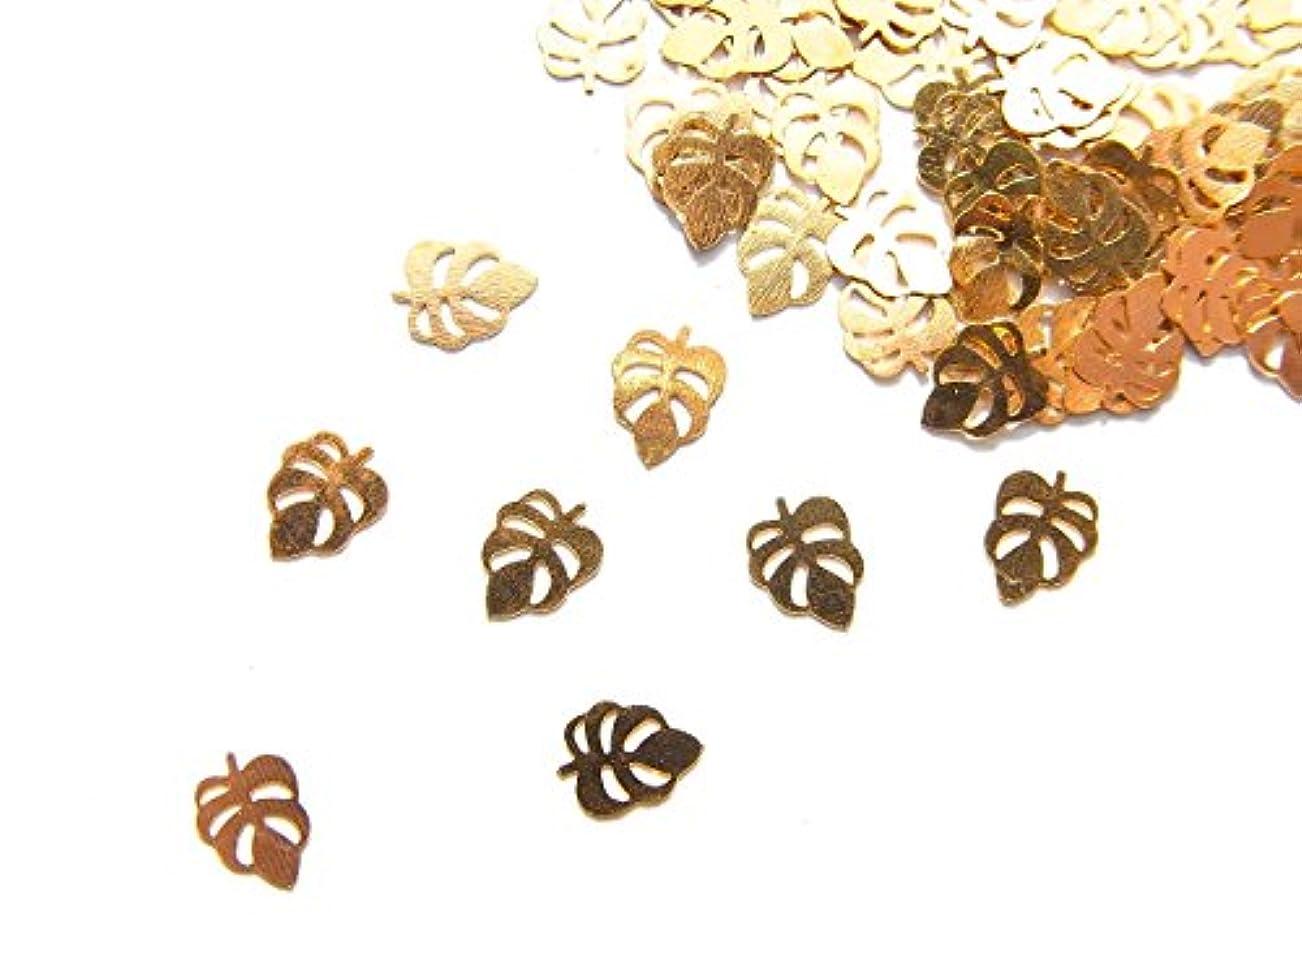 コスト先入観パイント【jewel】ug30 薄型ゴールド メタルパーツ 葉っぱ リーフ 10個入り ネイルアートパーツ レジンパーツ